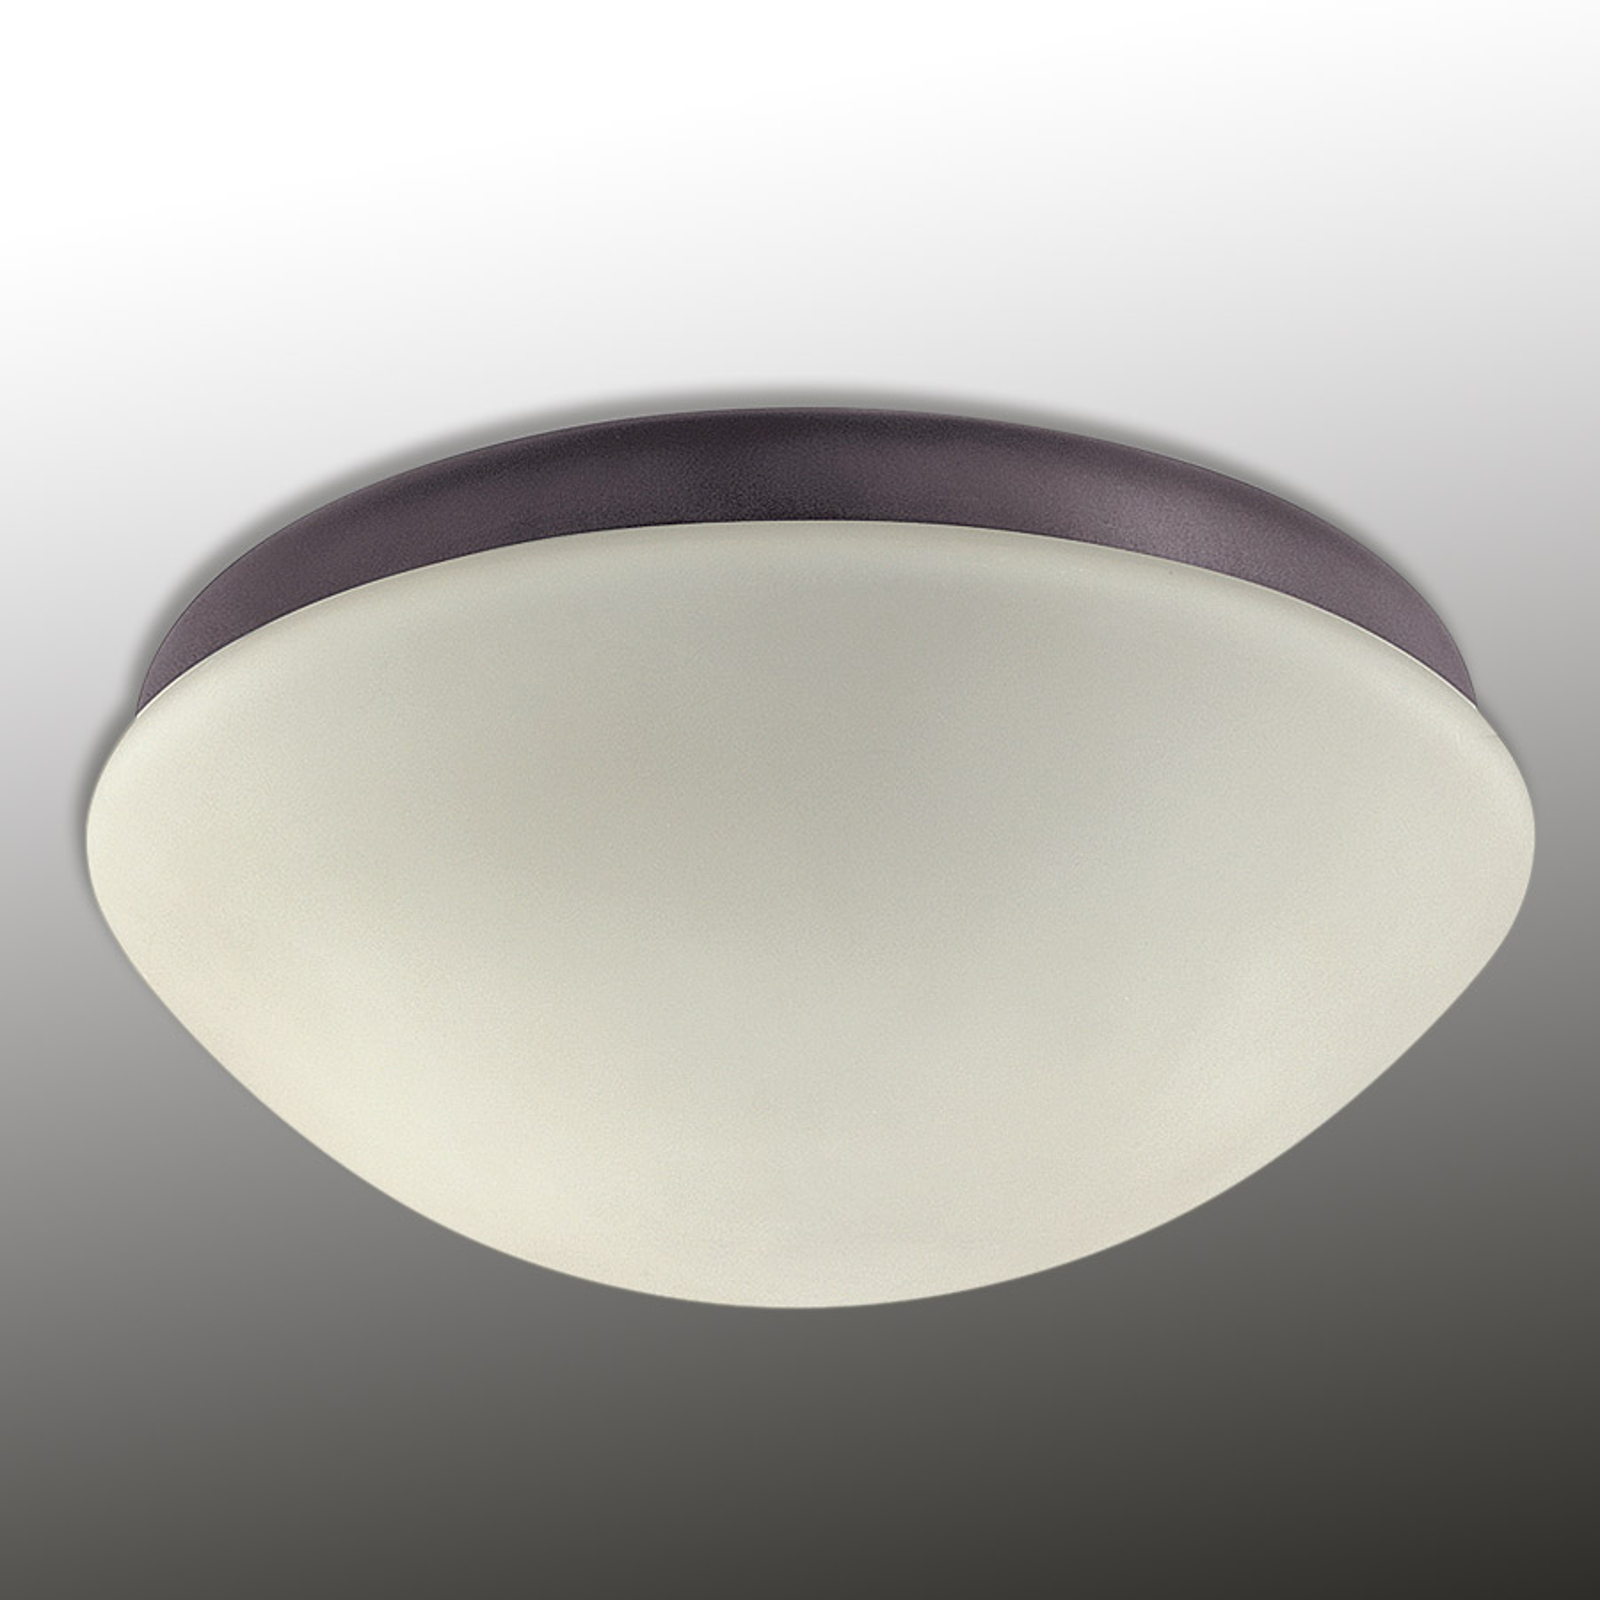 Lámpara para ventilador Outdoor Elements, blanco